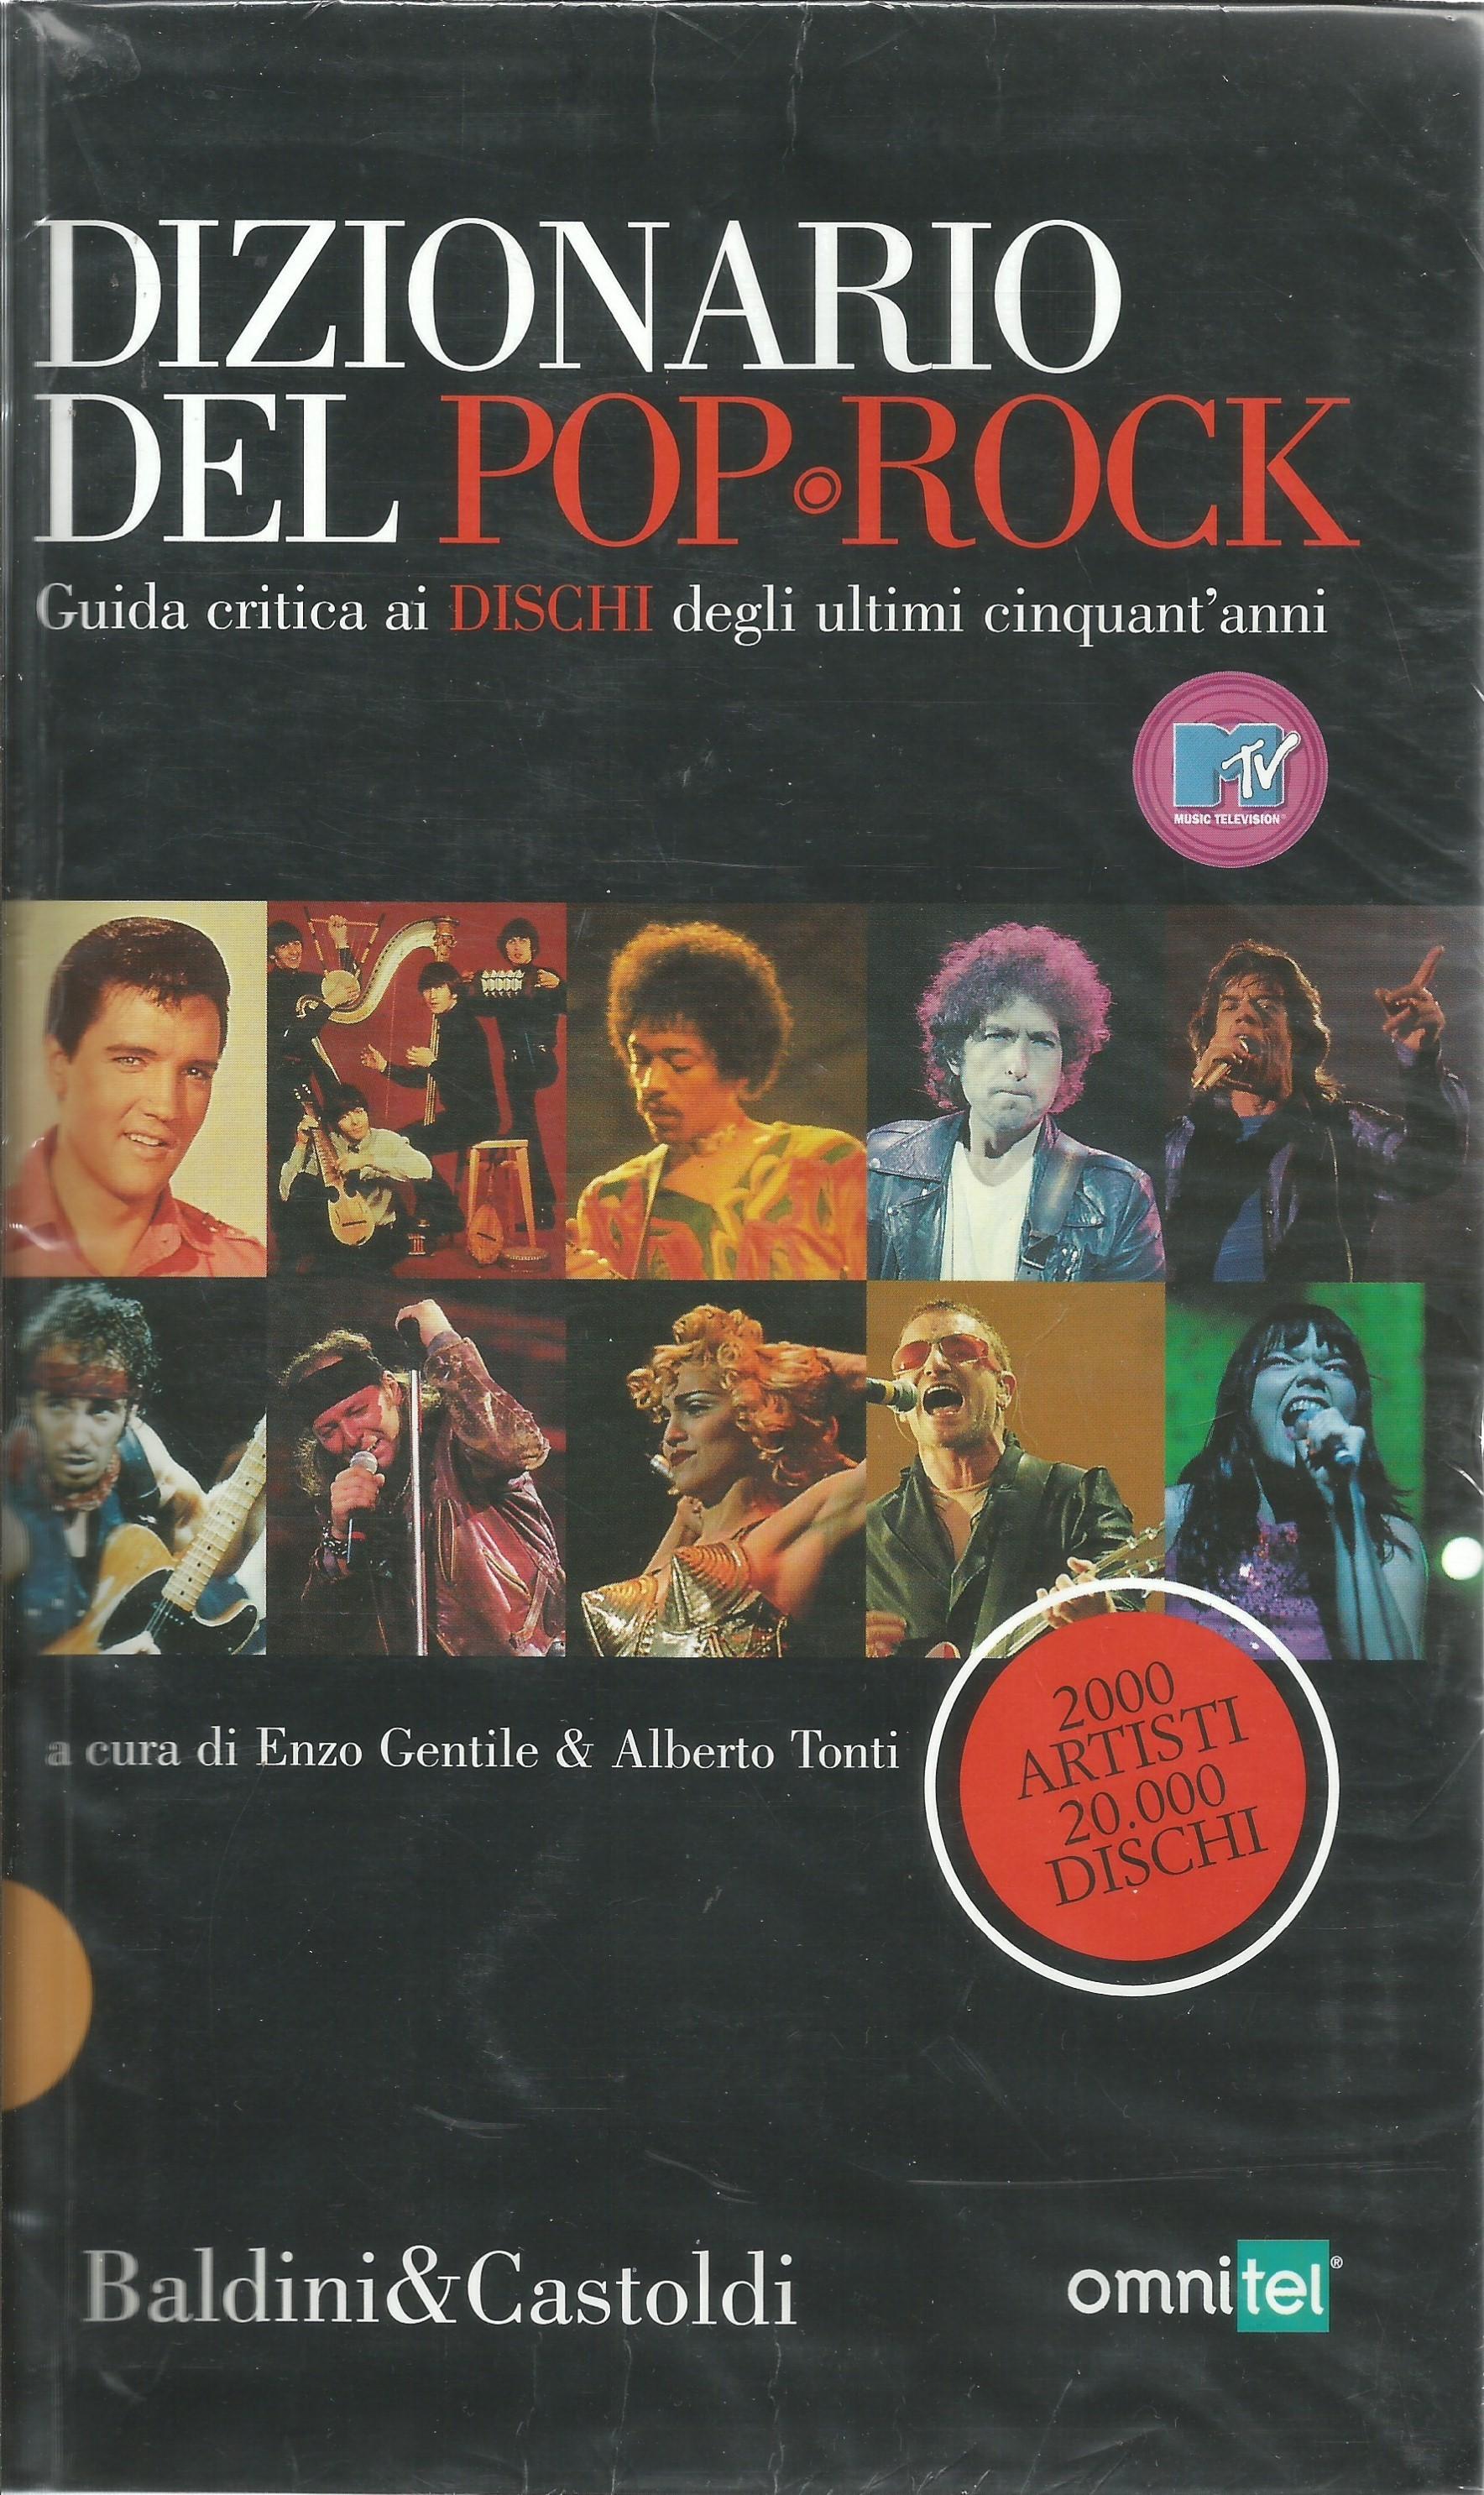 Dizionario del pop-rock